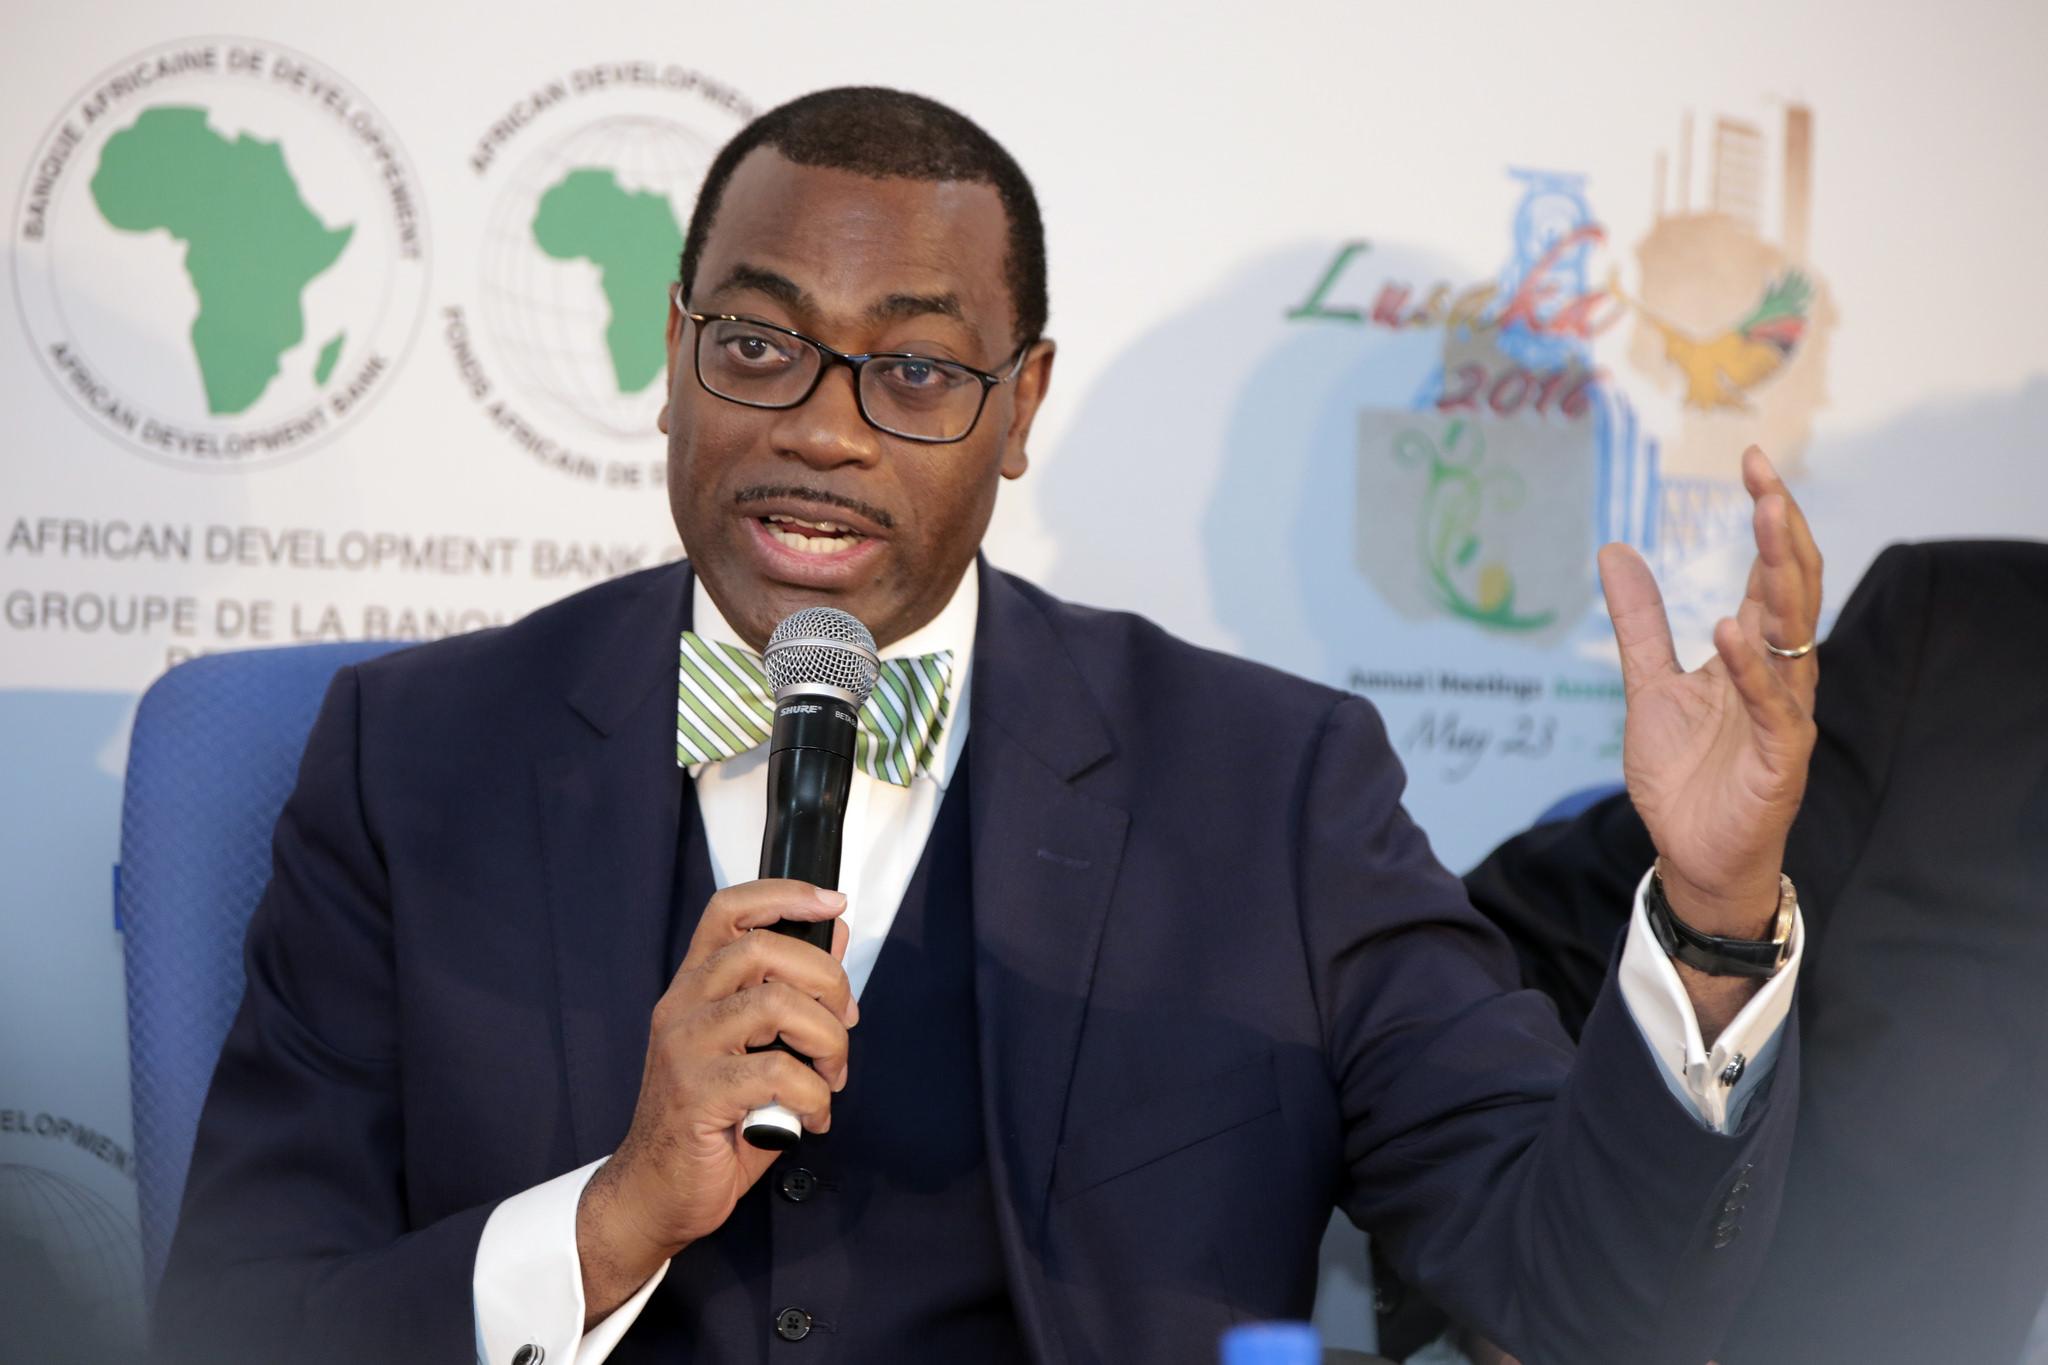 EDITORIAL / En plus de la crise sanitaire du Covid-19, l'Afrique ne peut pas se permettre de subir une crise alimentaire due au criquet pèlerin (Par Akinwumi Adesina)